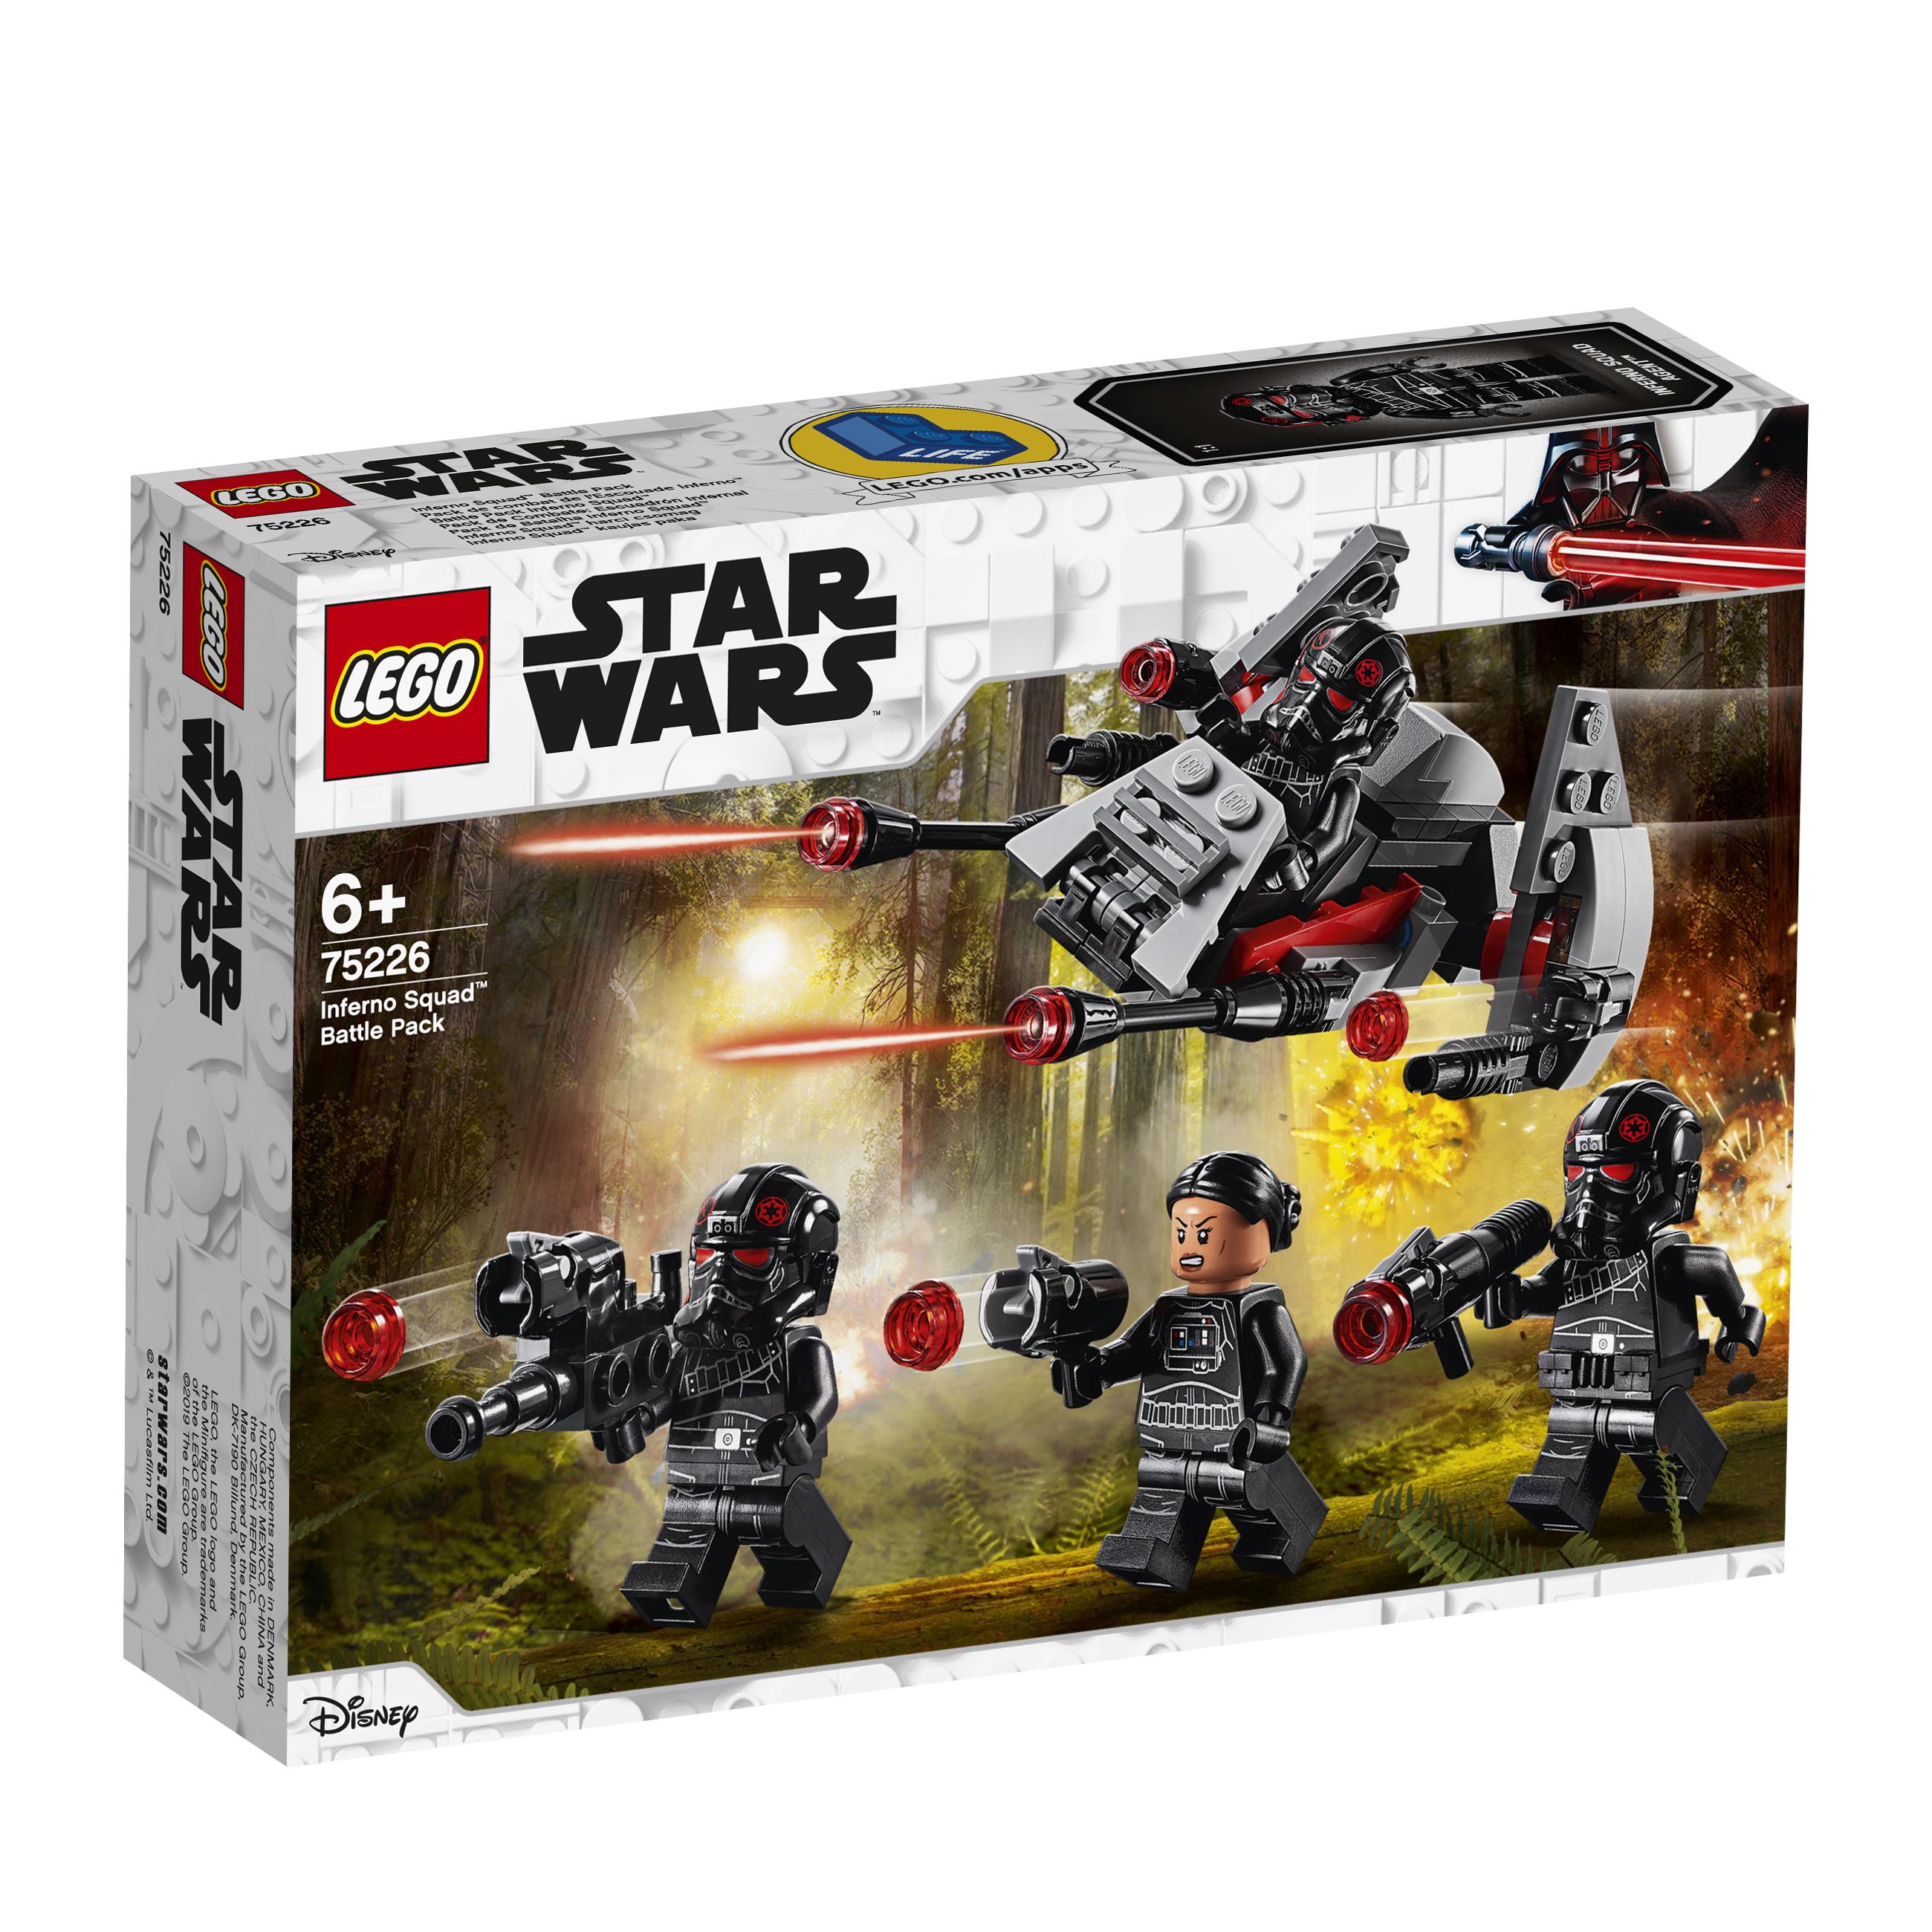 Конструктор LEGO Star Wars 75226 Боевой набор отряда «Инферно» конструктор lego star wars 75132 боевой набор первого ордена